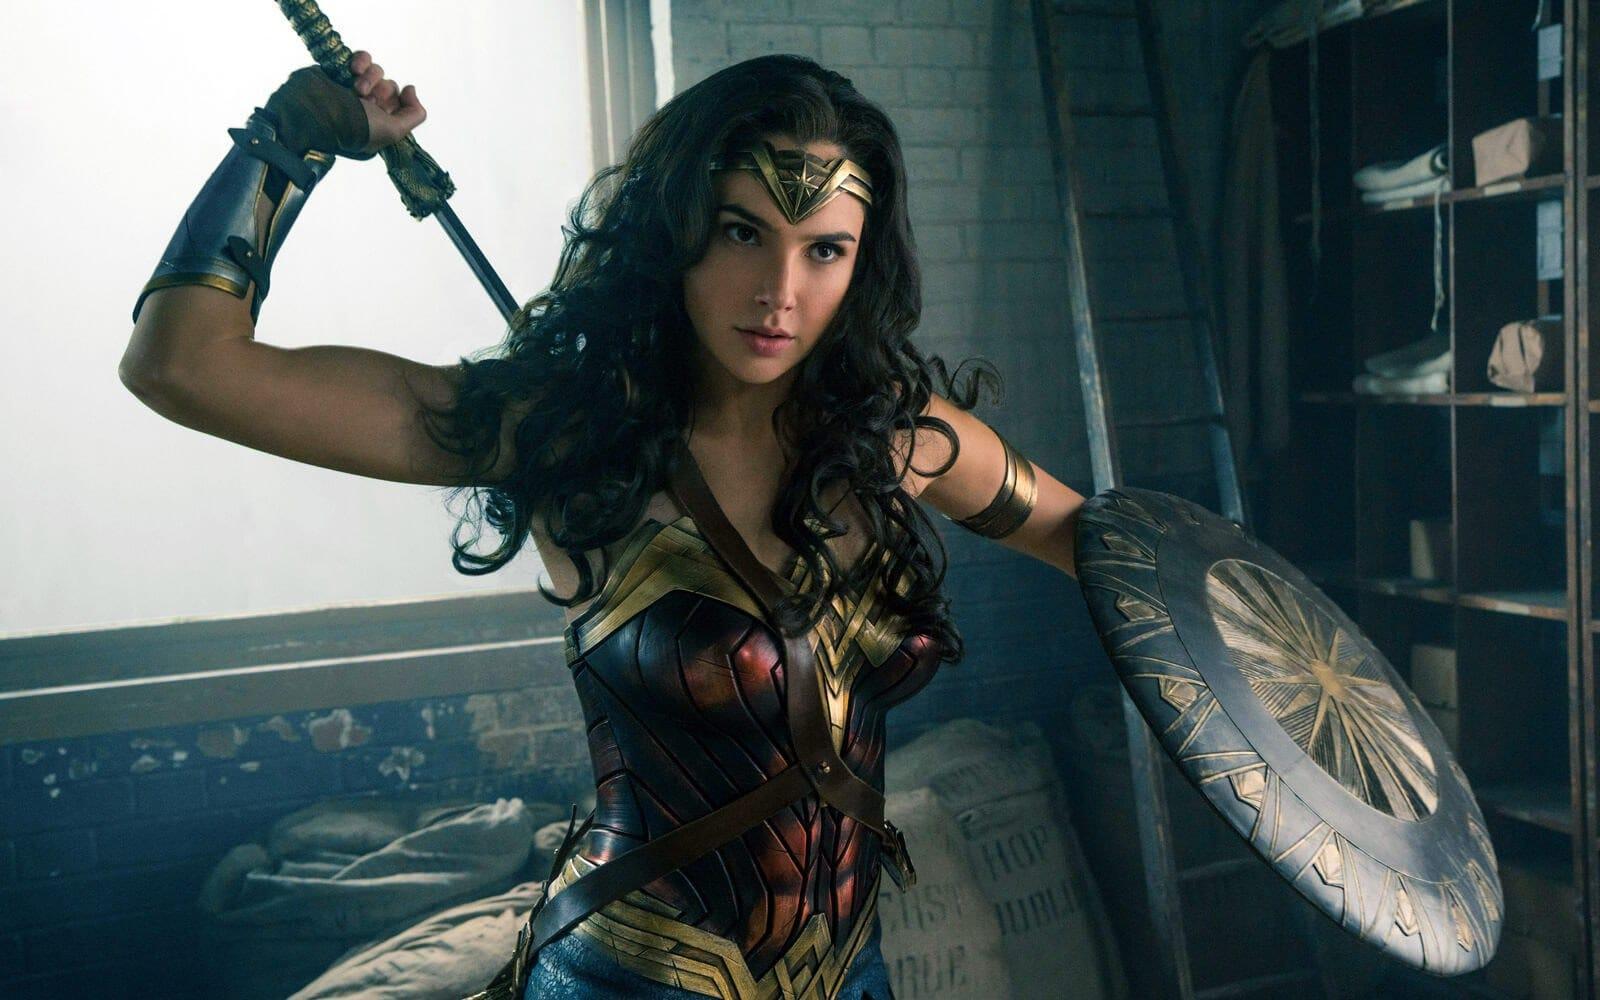 Wonder Woman - Patty Jenkins